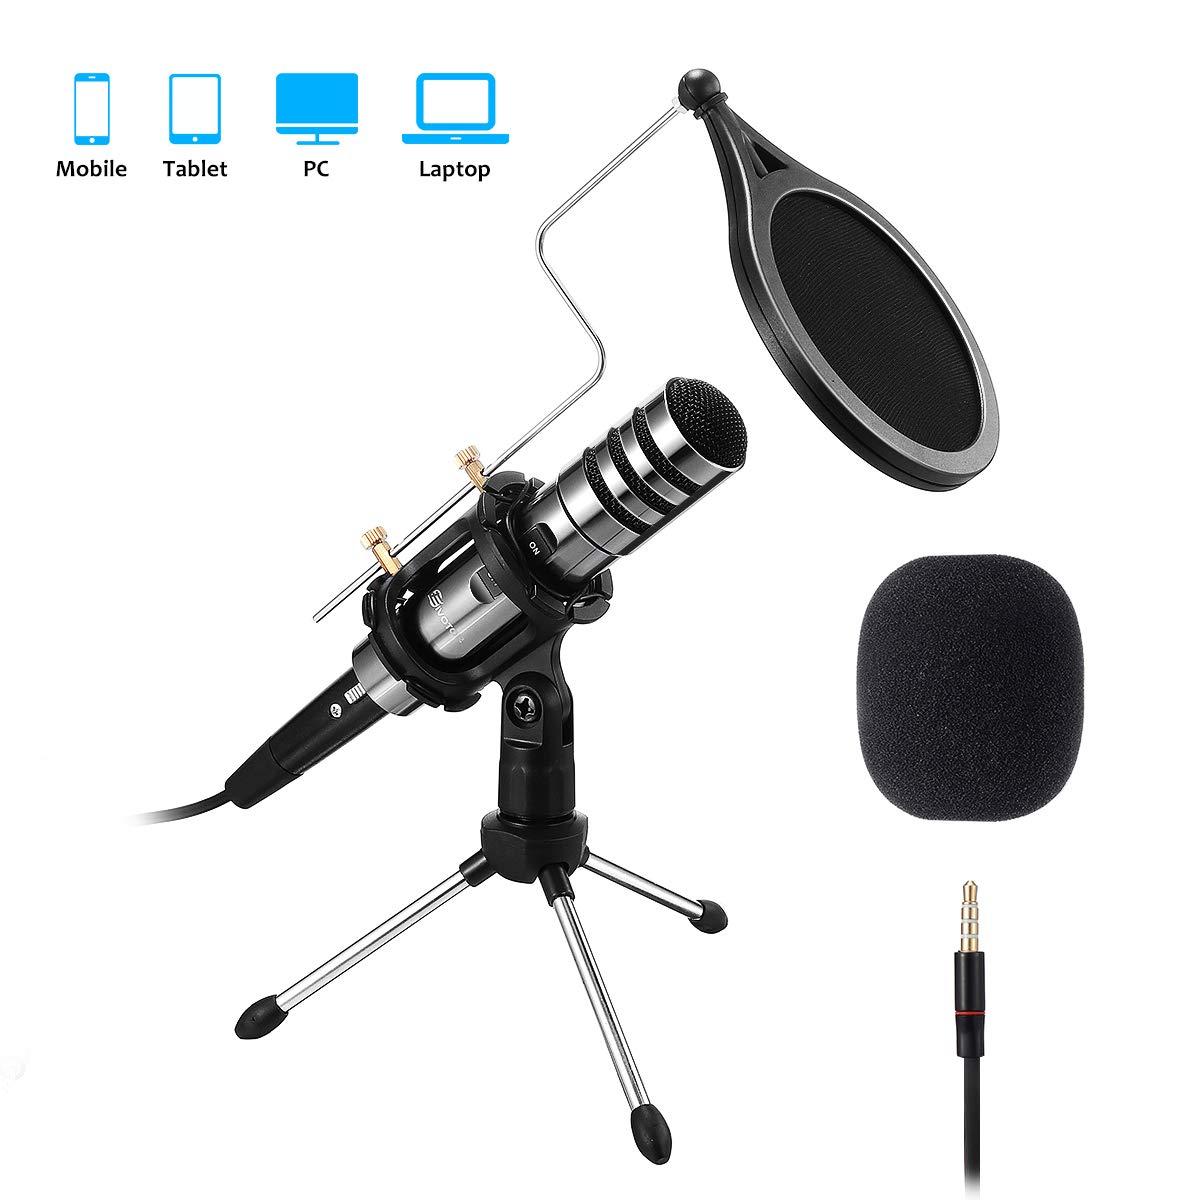 EIVOTOR Aufnahme Mikrofon für Handy und PC 3,5mm Klinke